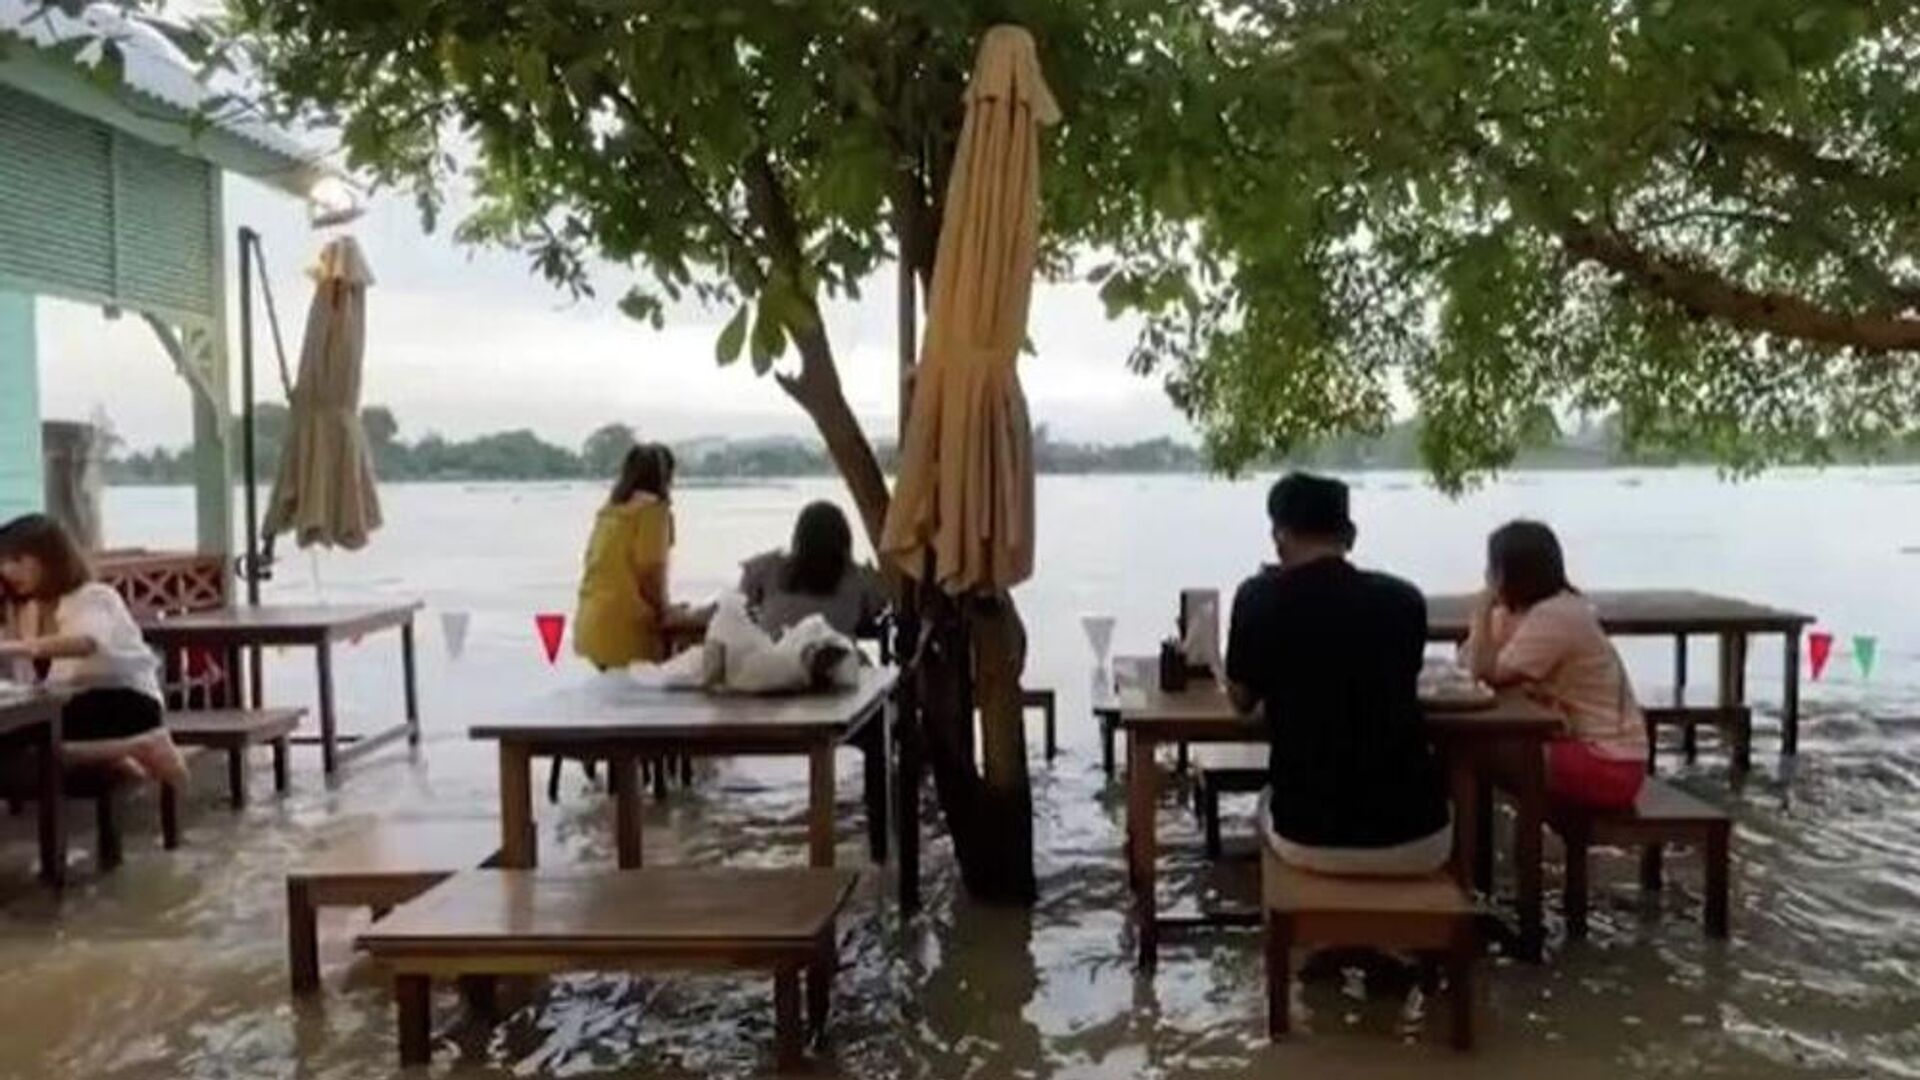 Πελάτες σε ταβέρνα στην Ταϊλάνδη συνεχίζουν να τρώνε παρά την πλημμύρα - Sputnik Ελλάδα, 1920, 14.10.2021